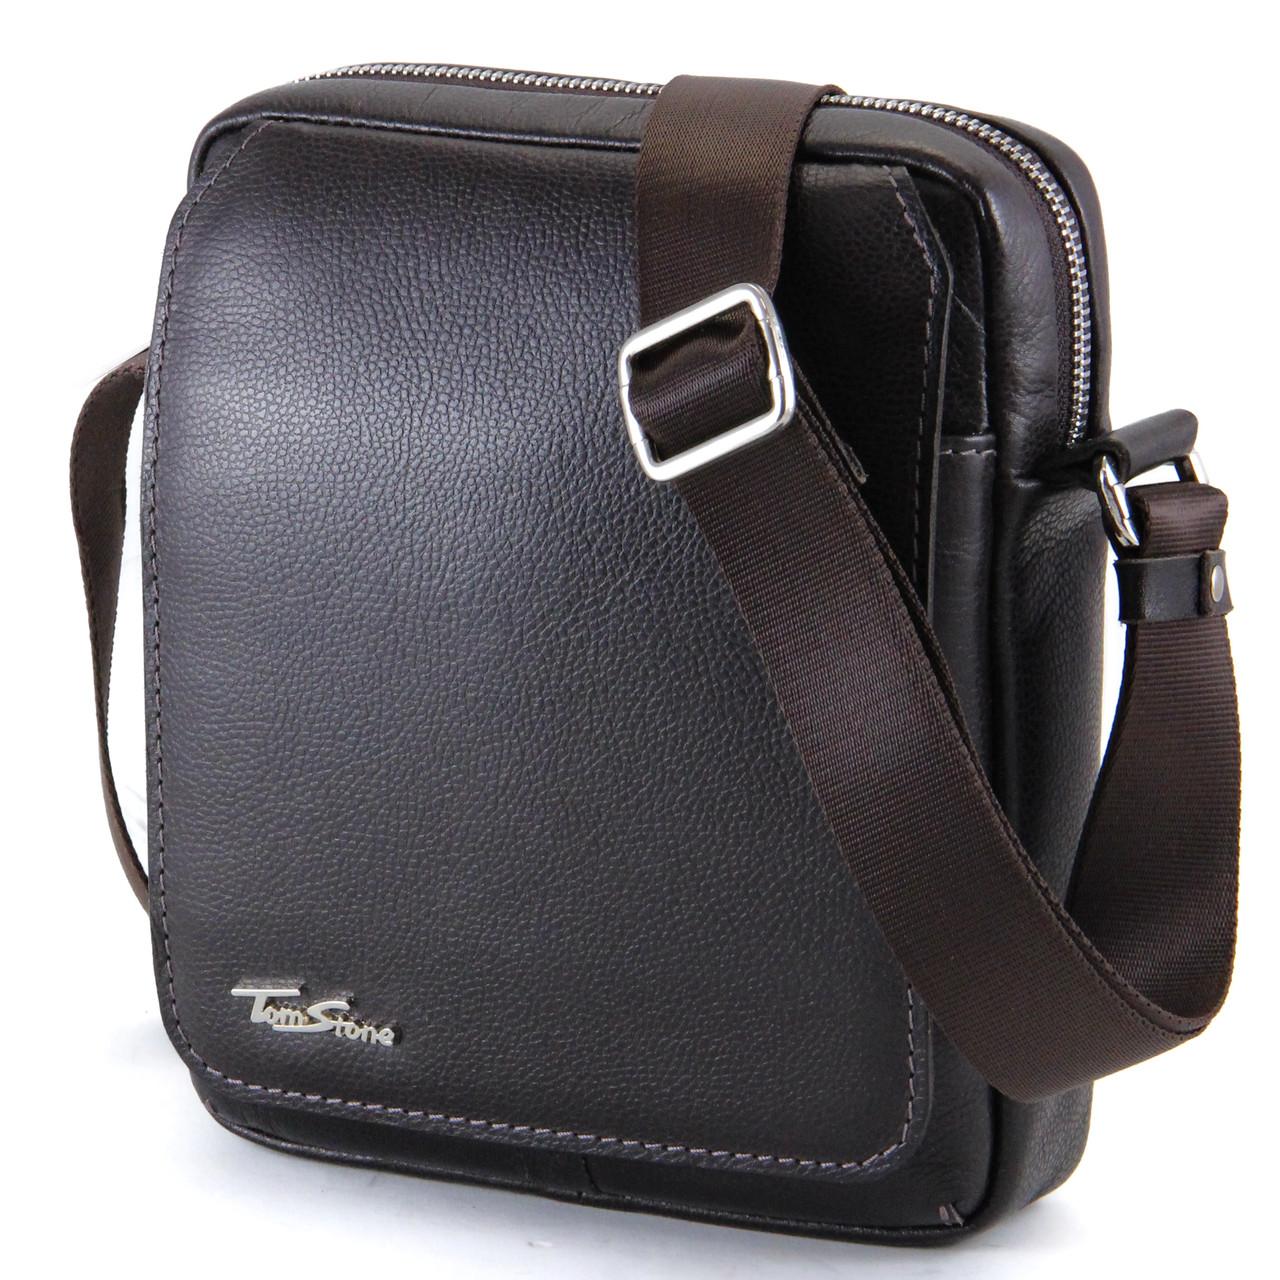 f859509f9444 Кожаная мужская сумка Tom Stone от интернет-магазина